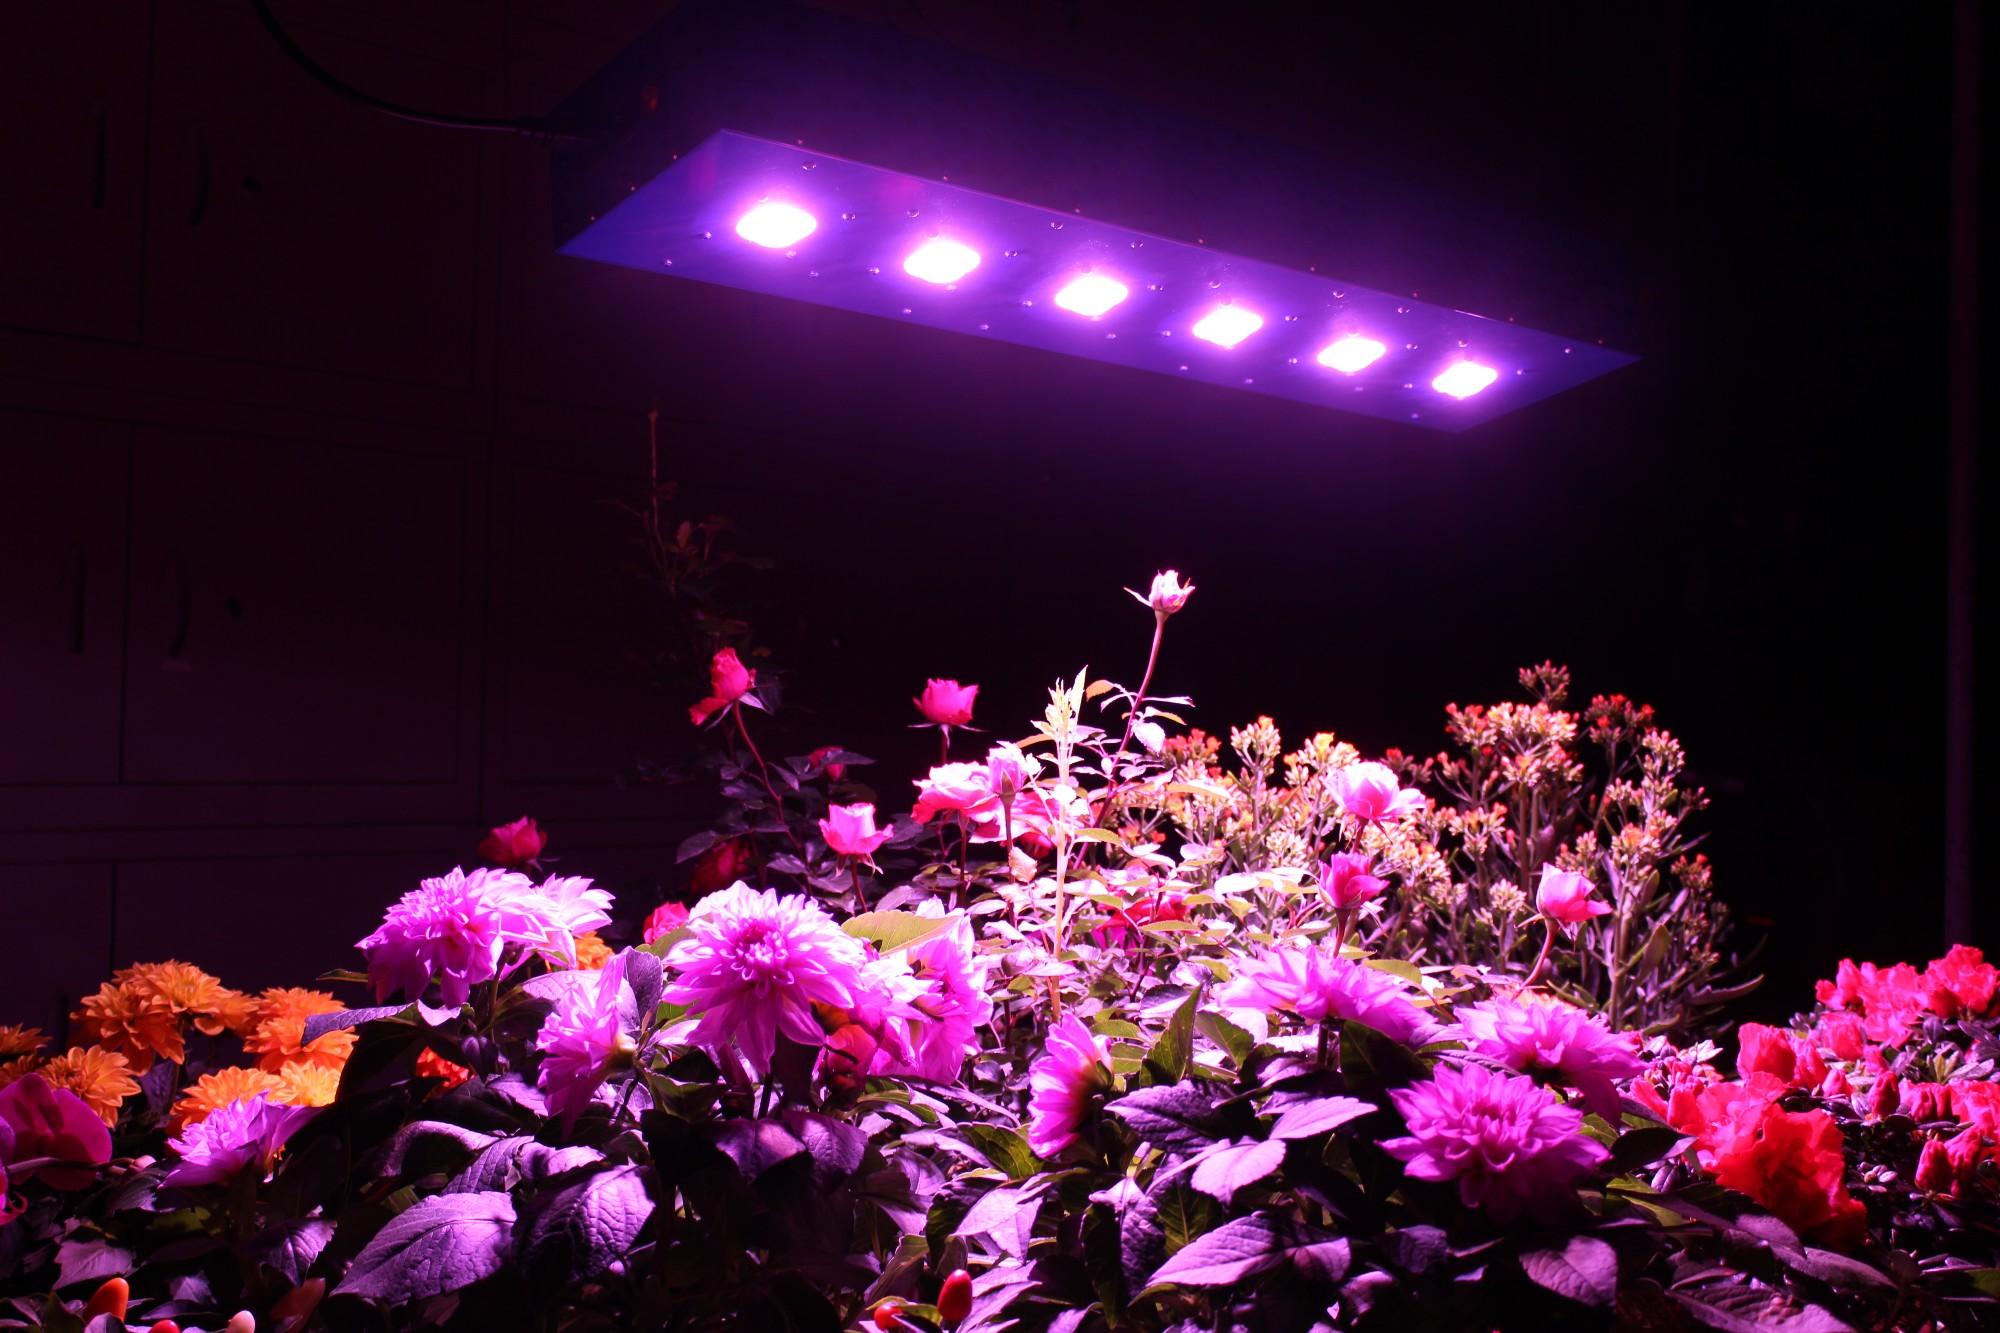 As vendas levaram a crescer luz, comprar crescer luz, espectro completo cresce a luz Fornecedores